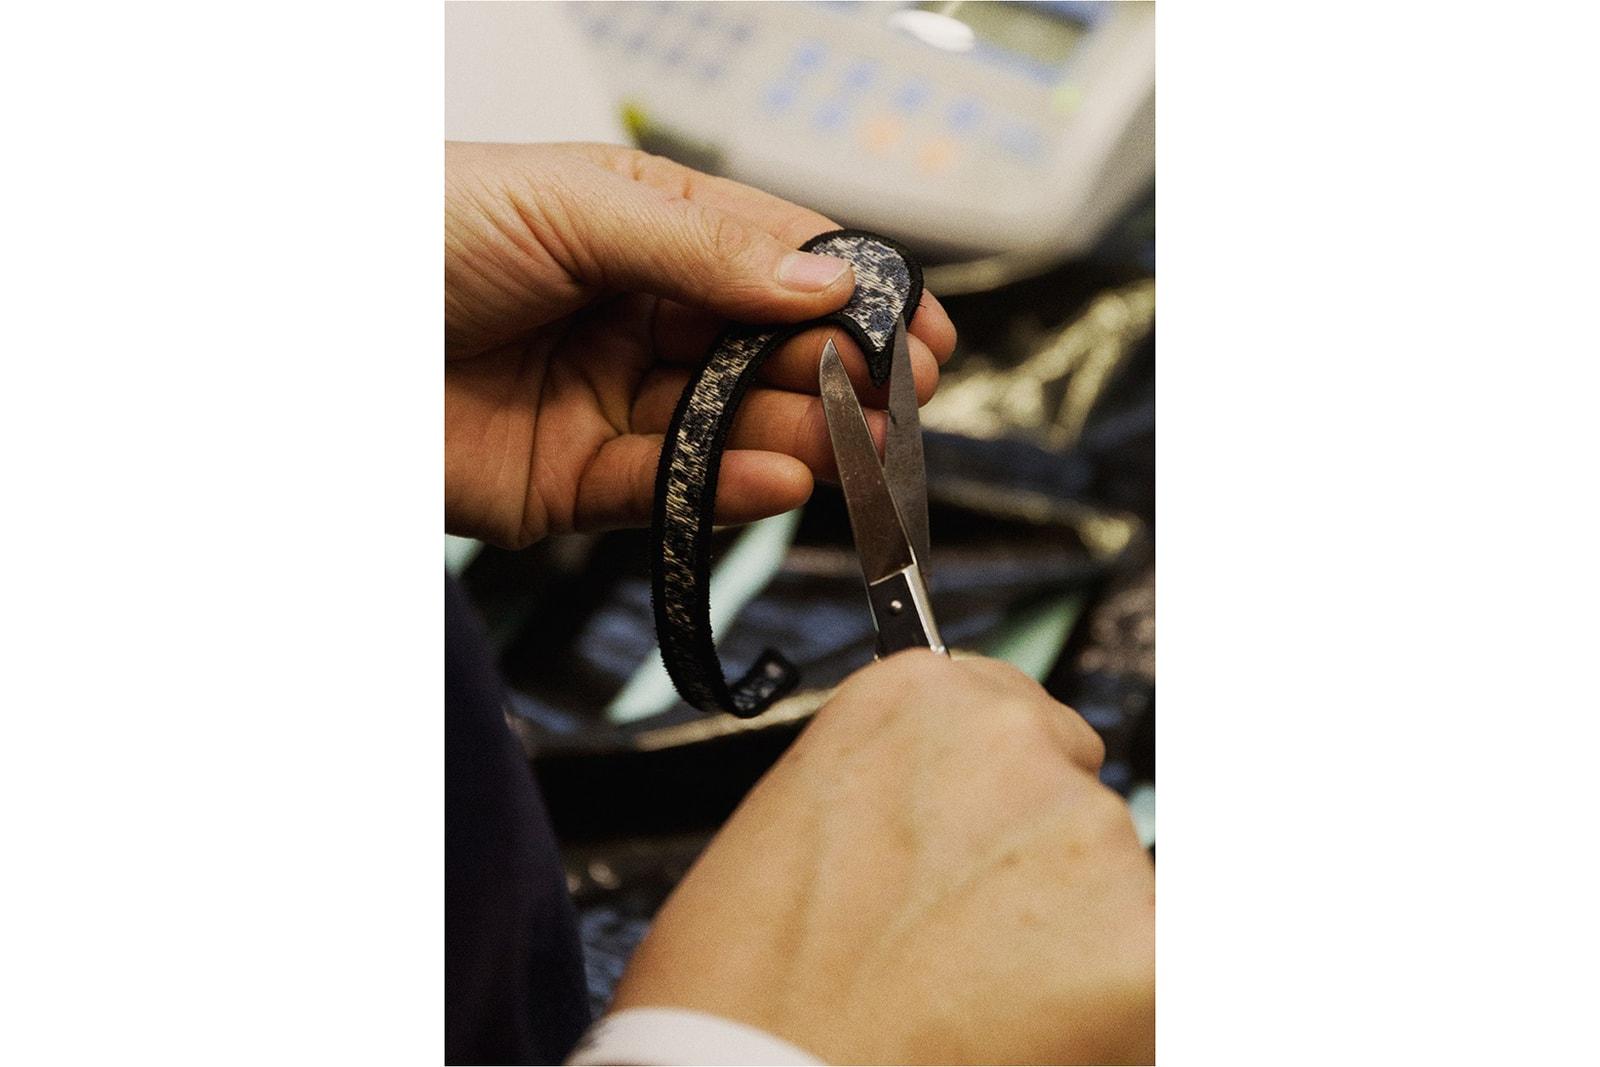 Dior x Air Jordan 1 OG High Top Sneaker Making Of Behind-the-Scenes Video